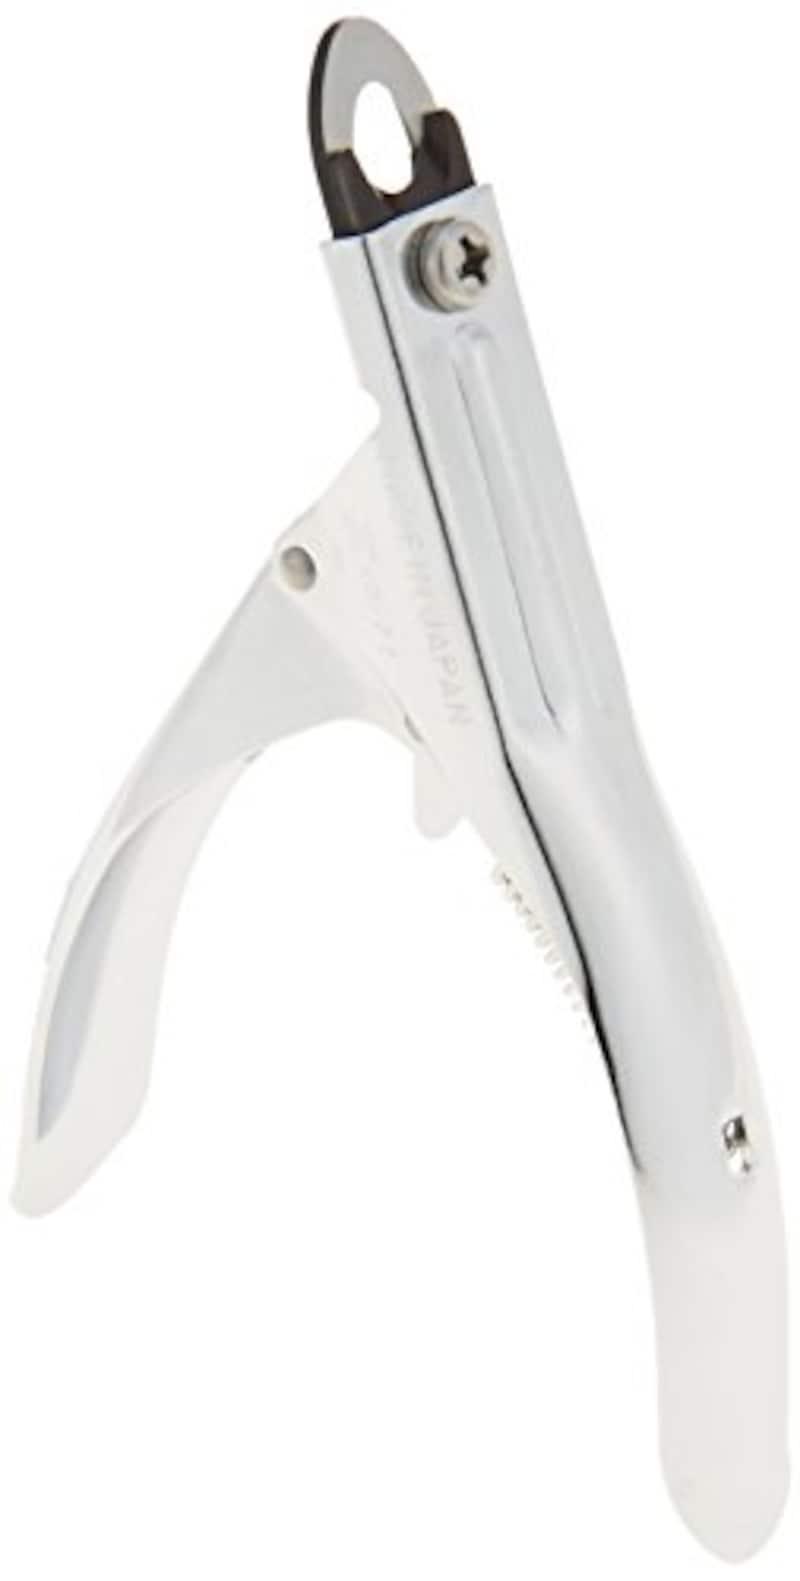 廣田工具製作所,爪とぎ ネイルトリマー ギロチンタイプ